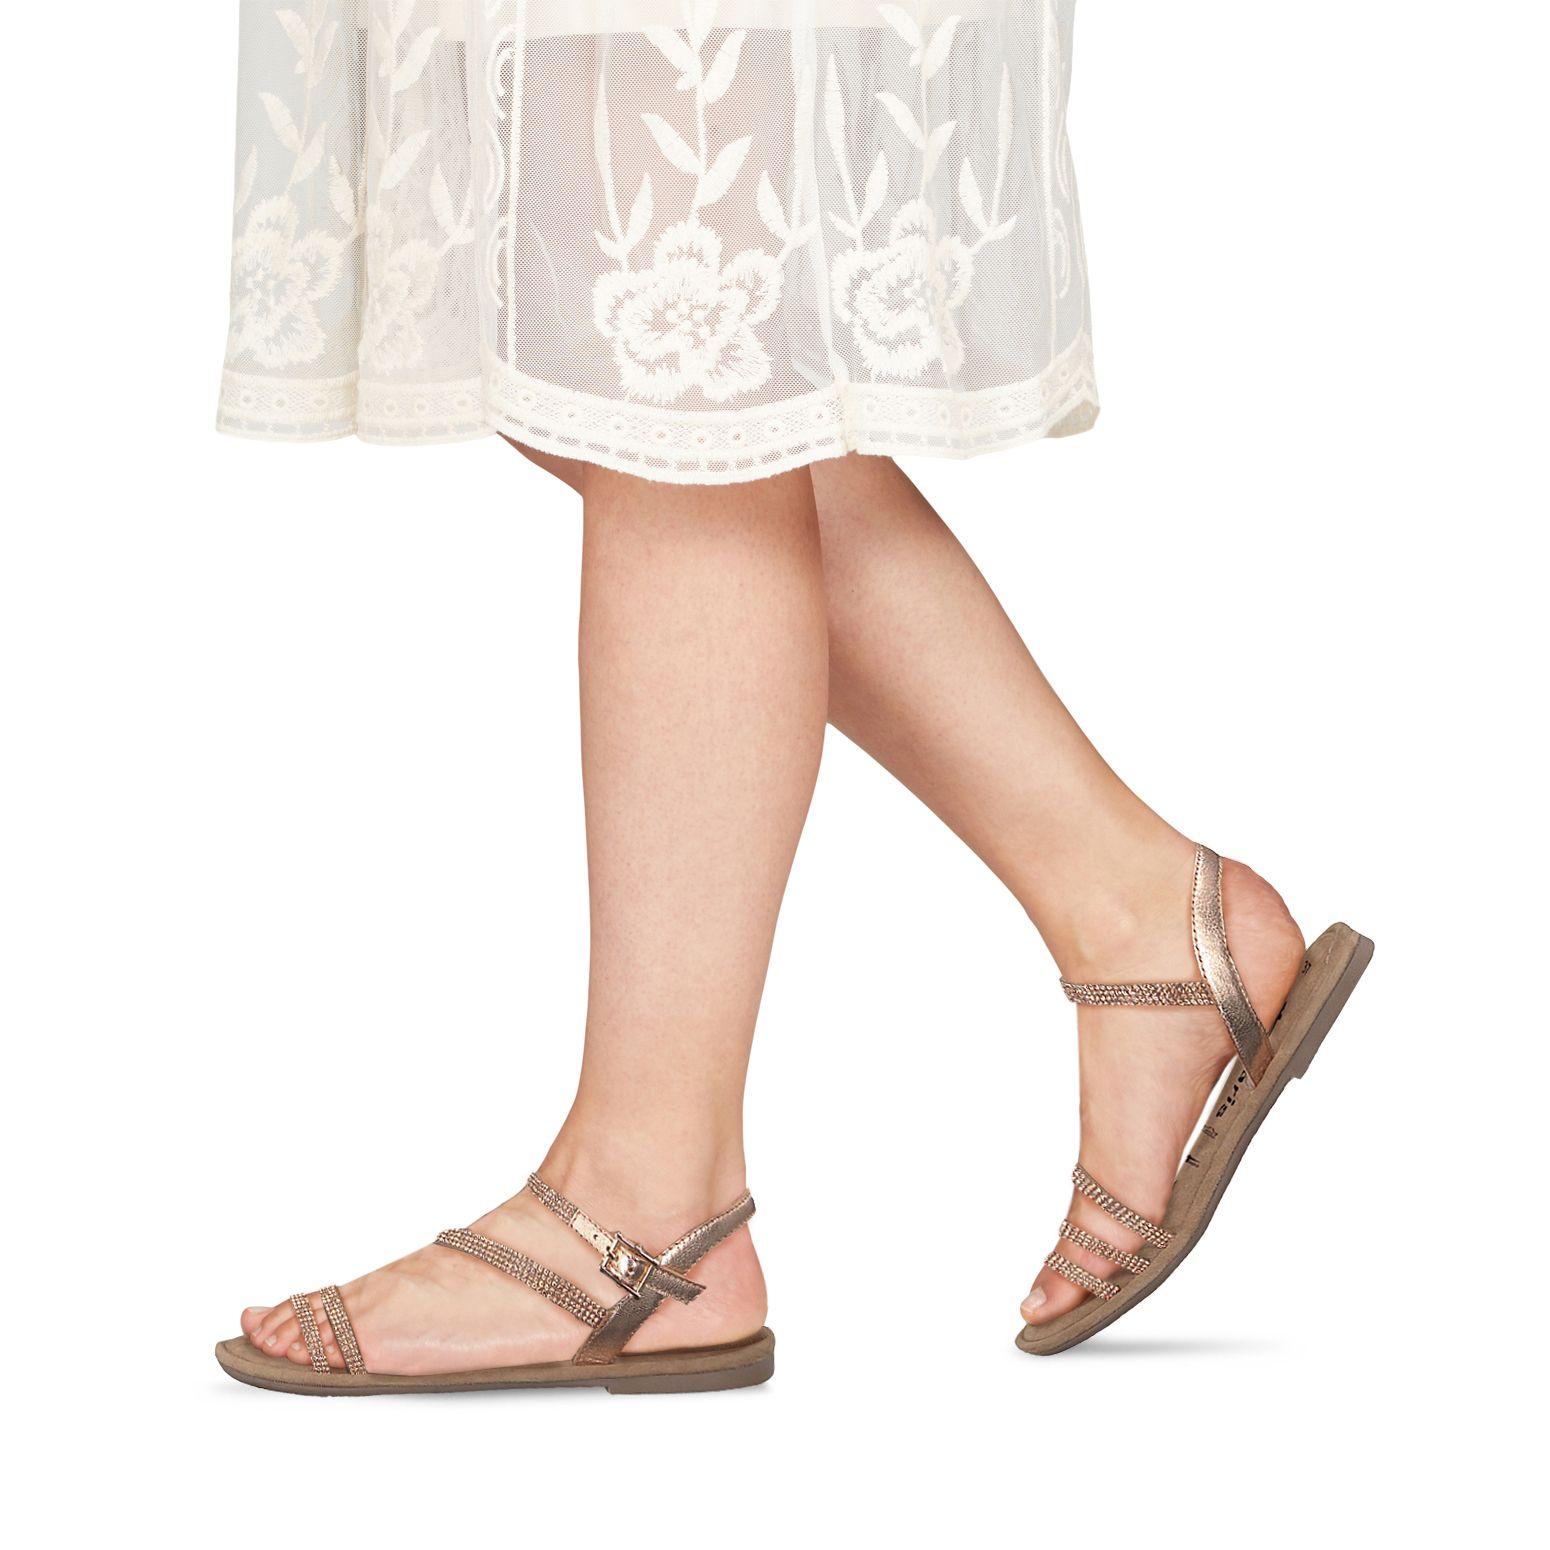 fairer Preis begrenzter Stil Outlet zum Verkauf Sandale